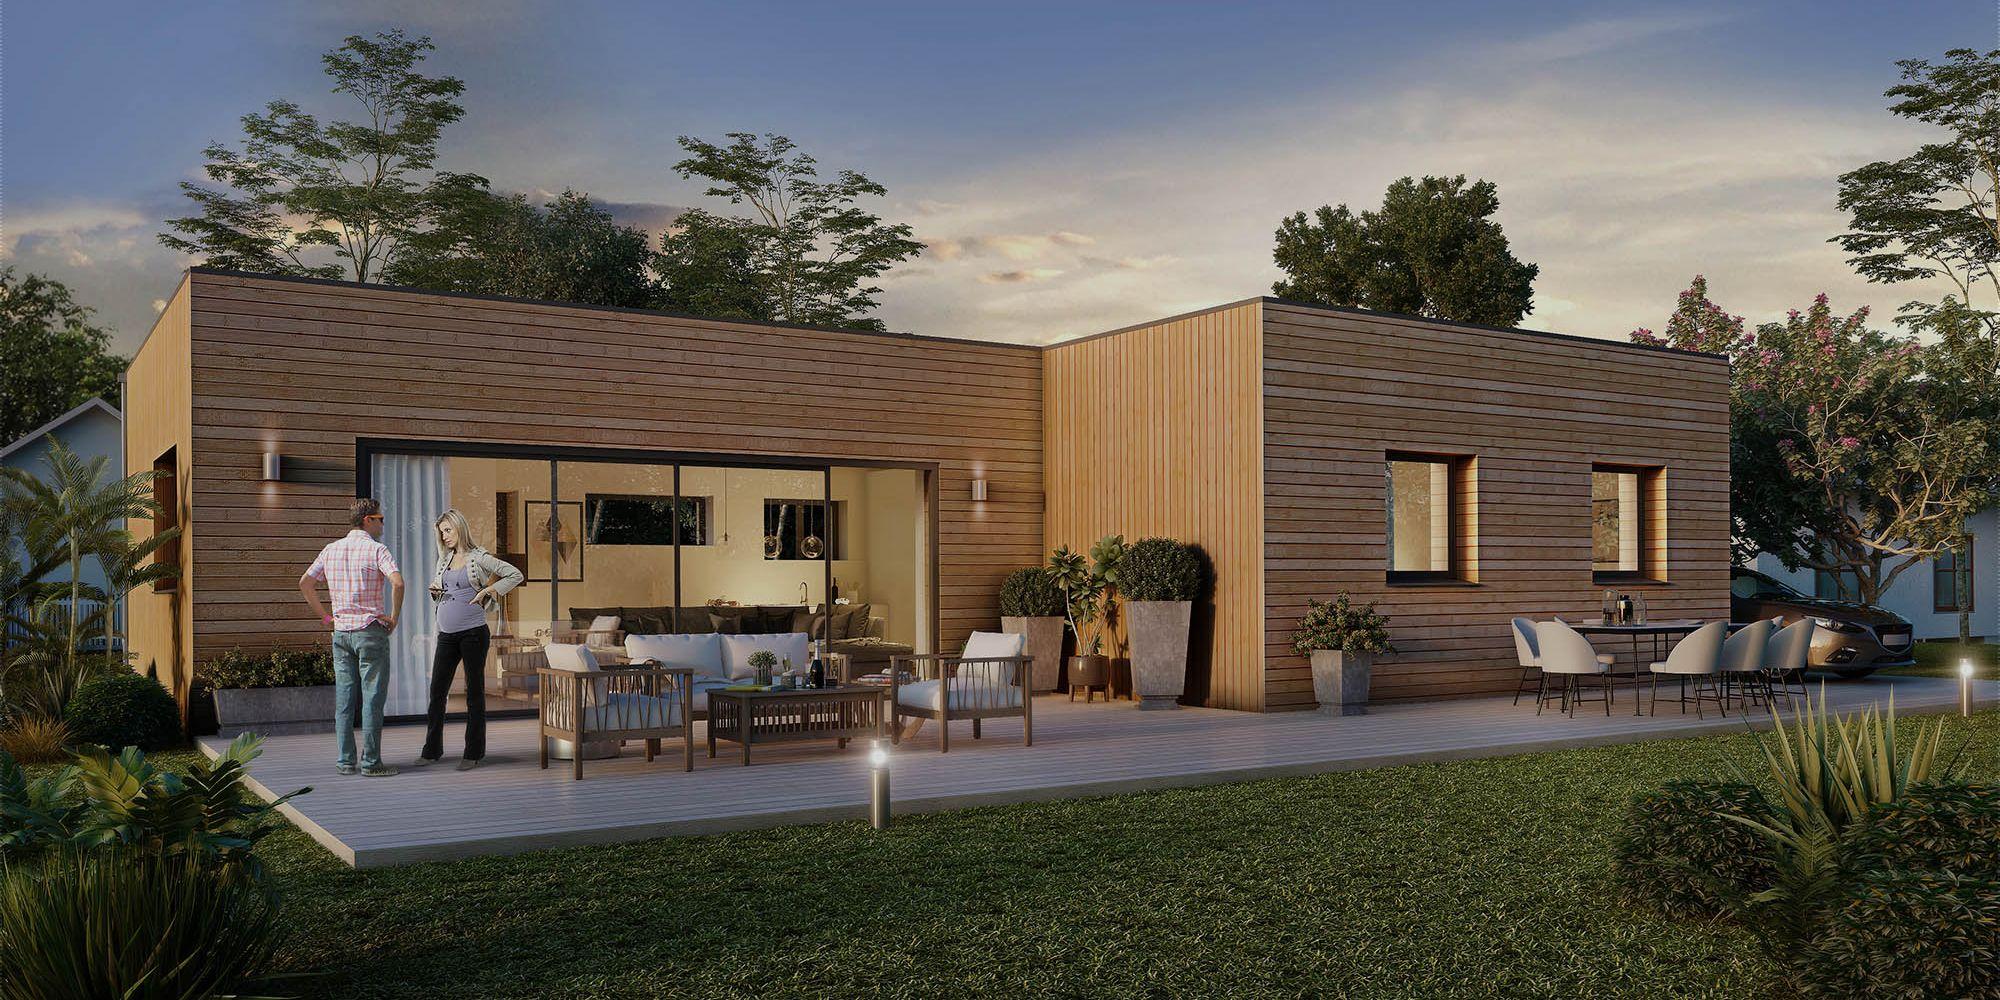 Constructeur Maison Toulouse Prix ami bois | constructeur de maisons en bois